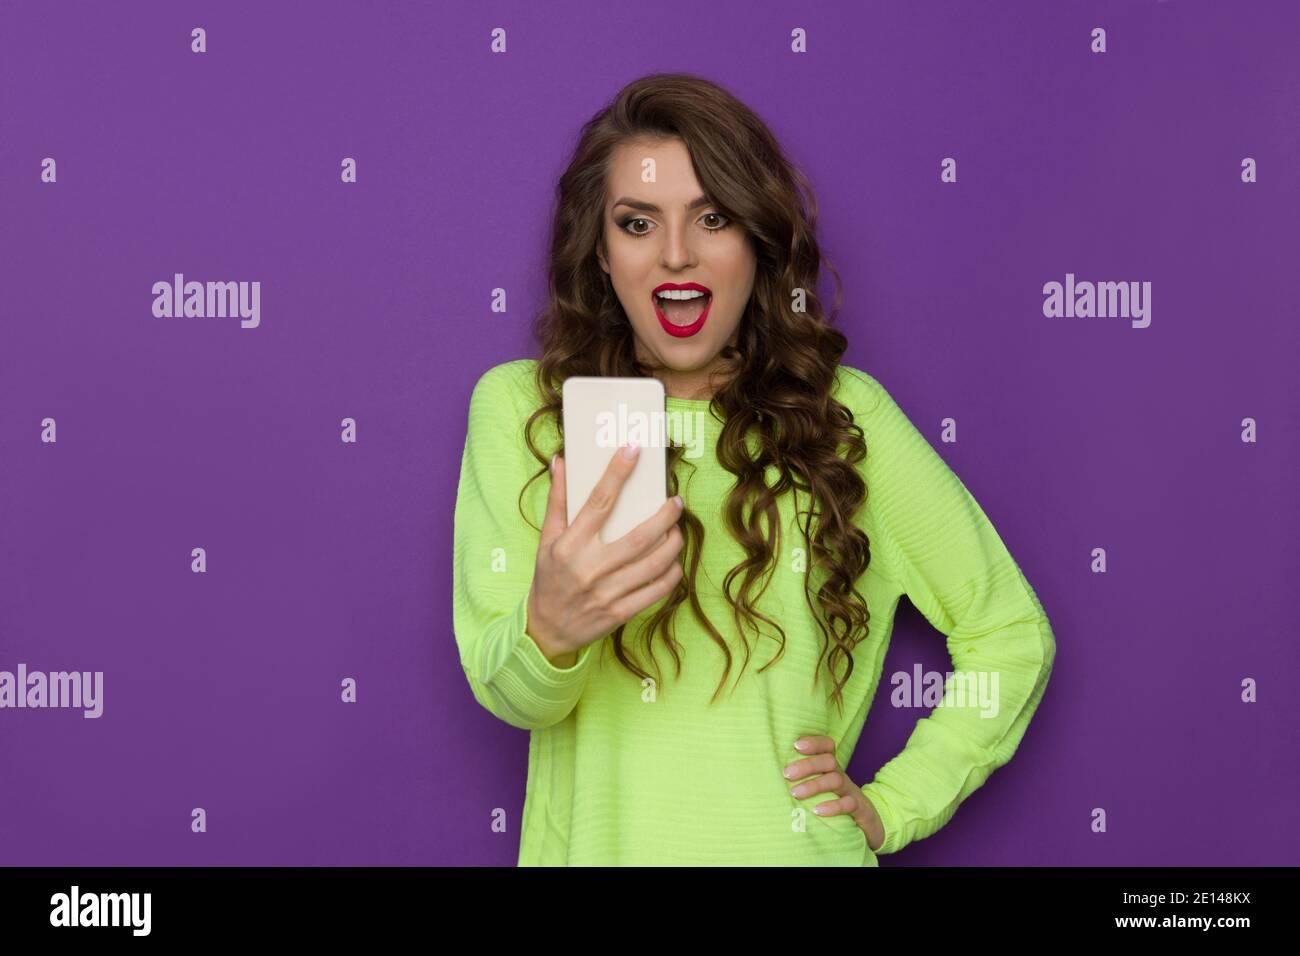 Une jeune femme choquée dans un chandail vert néon tient le téléphone, le regarde et crie. Vue avant. Taille haute, prise en studio sur fond violet. Banque D'Images